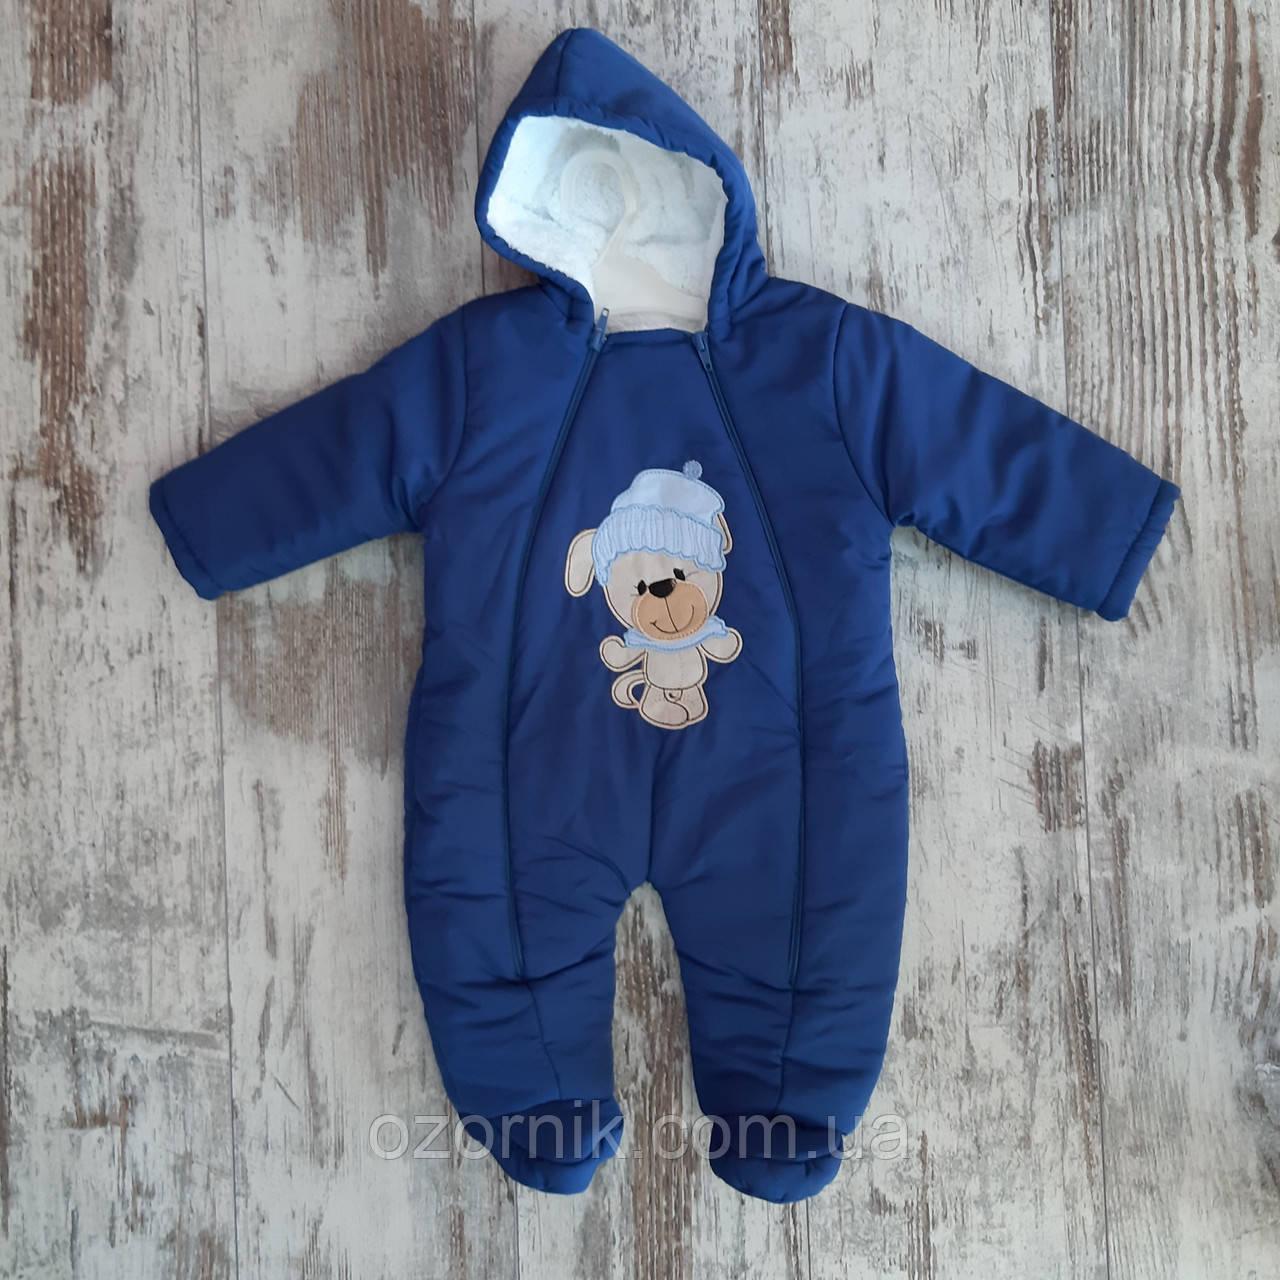 Оптом Комбинезон на Травке для Новорождённых Детей Турция